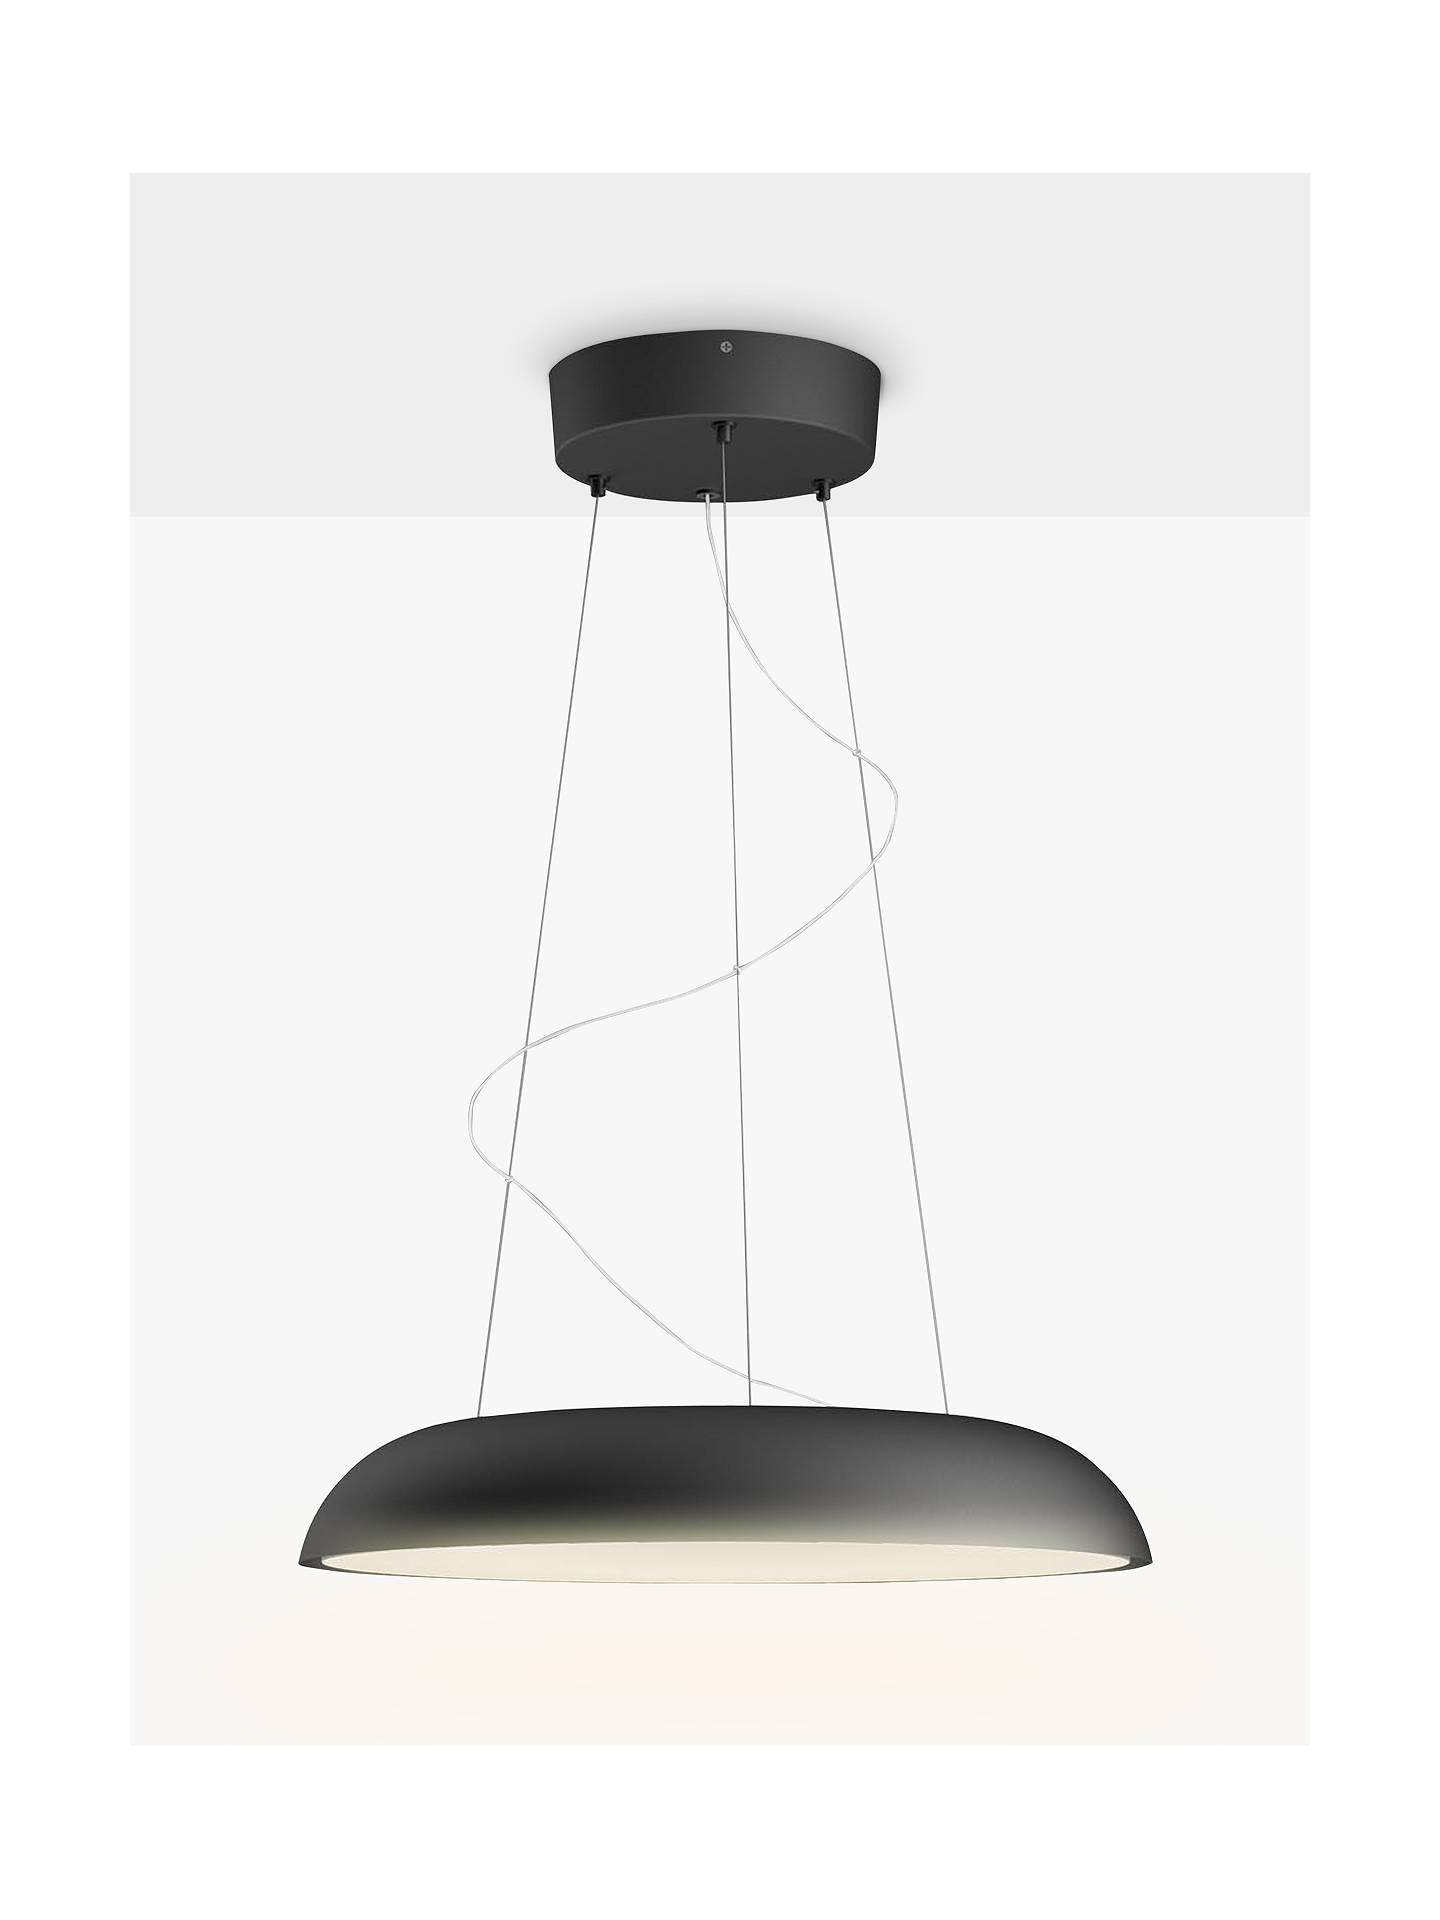 Philips Hue Ambiance Amaze Pendant Ceiling Light At John